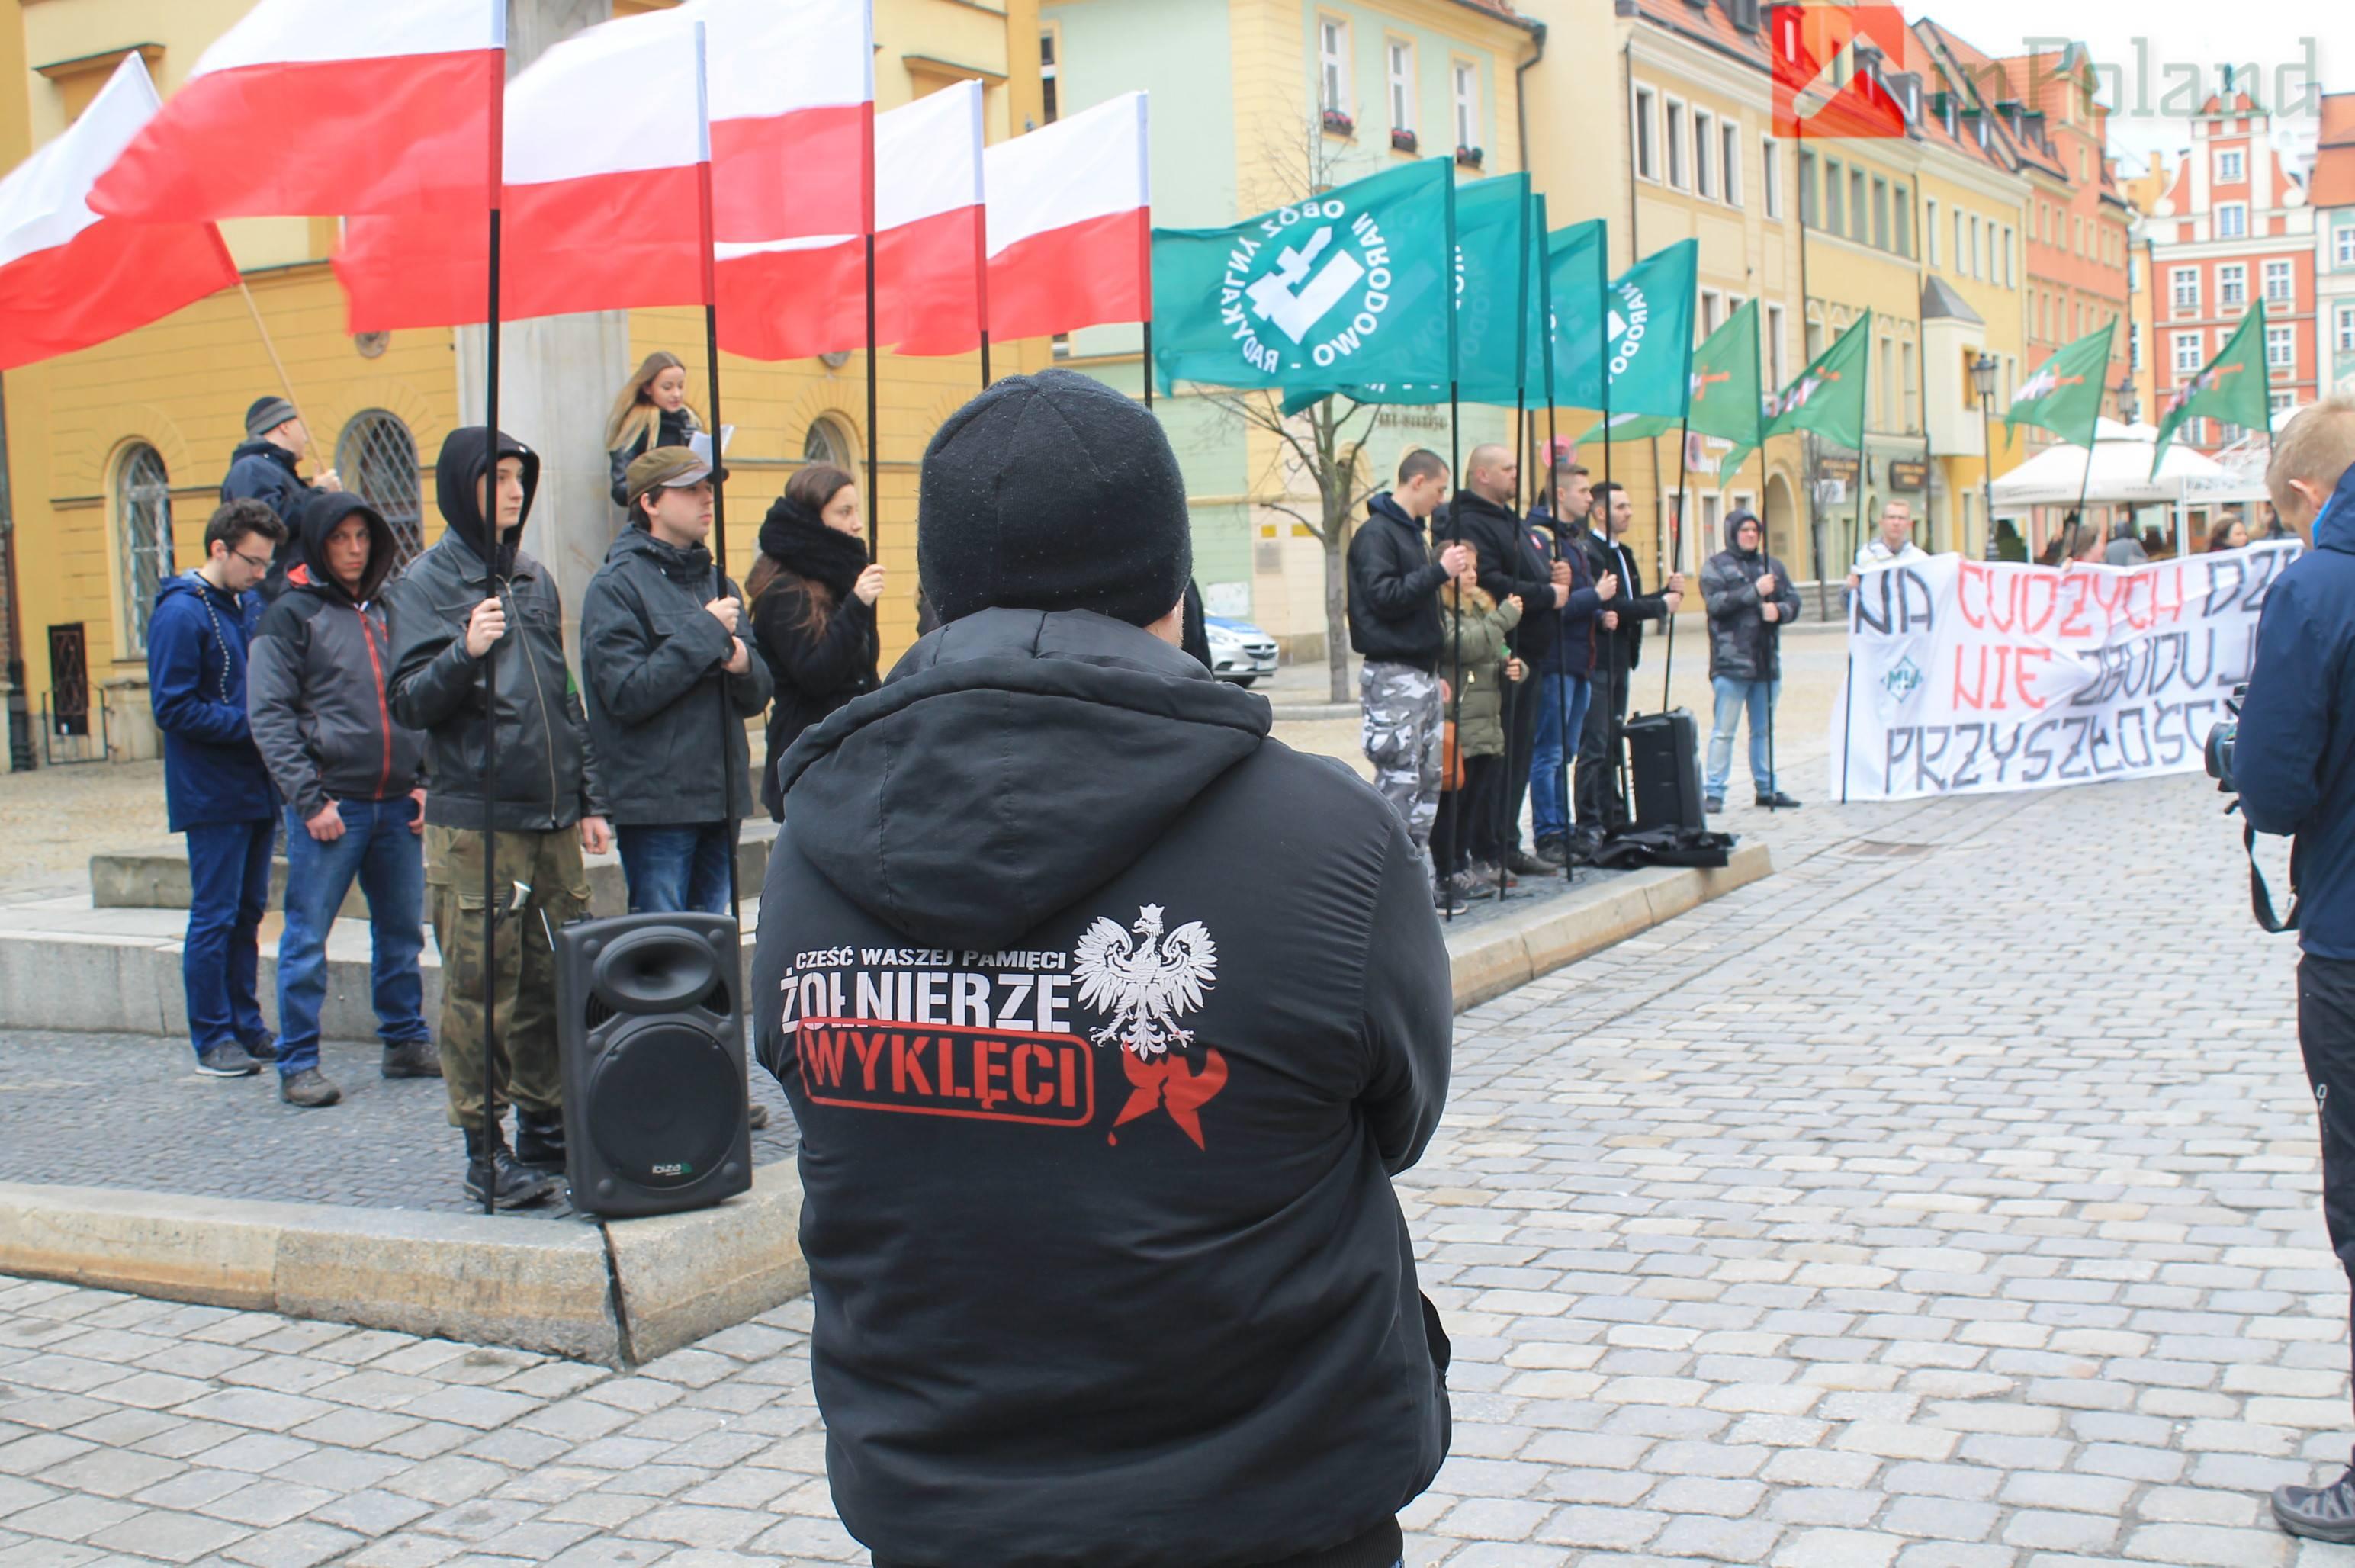 Мэр Вроцлава осудил антиукраинскую акцию польских ультраправых